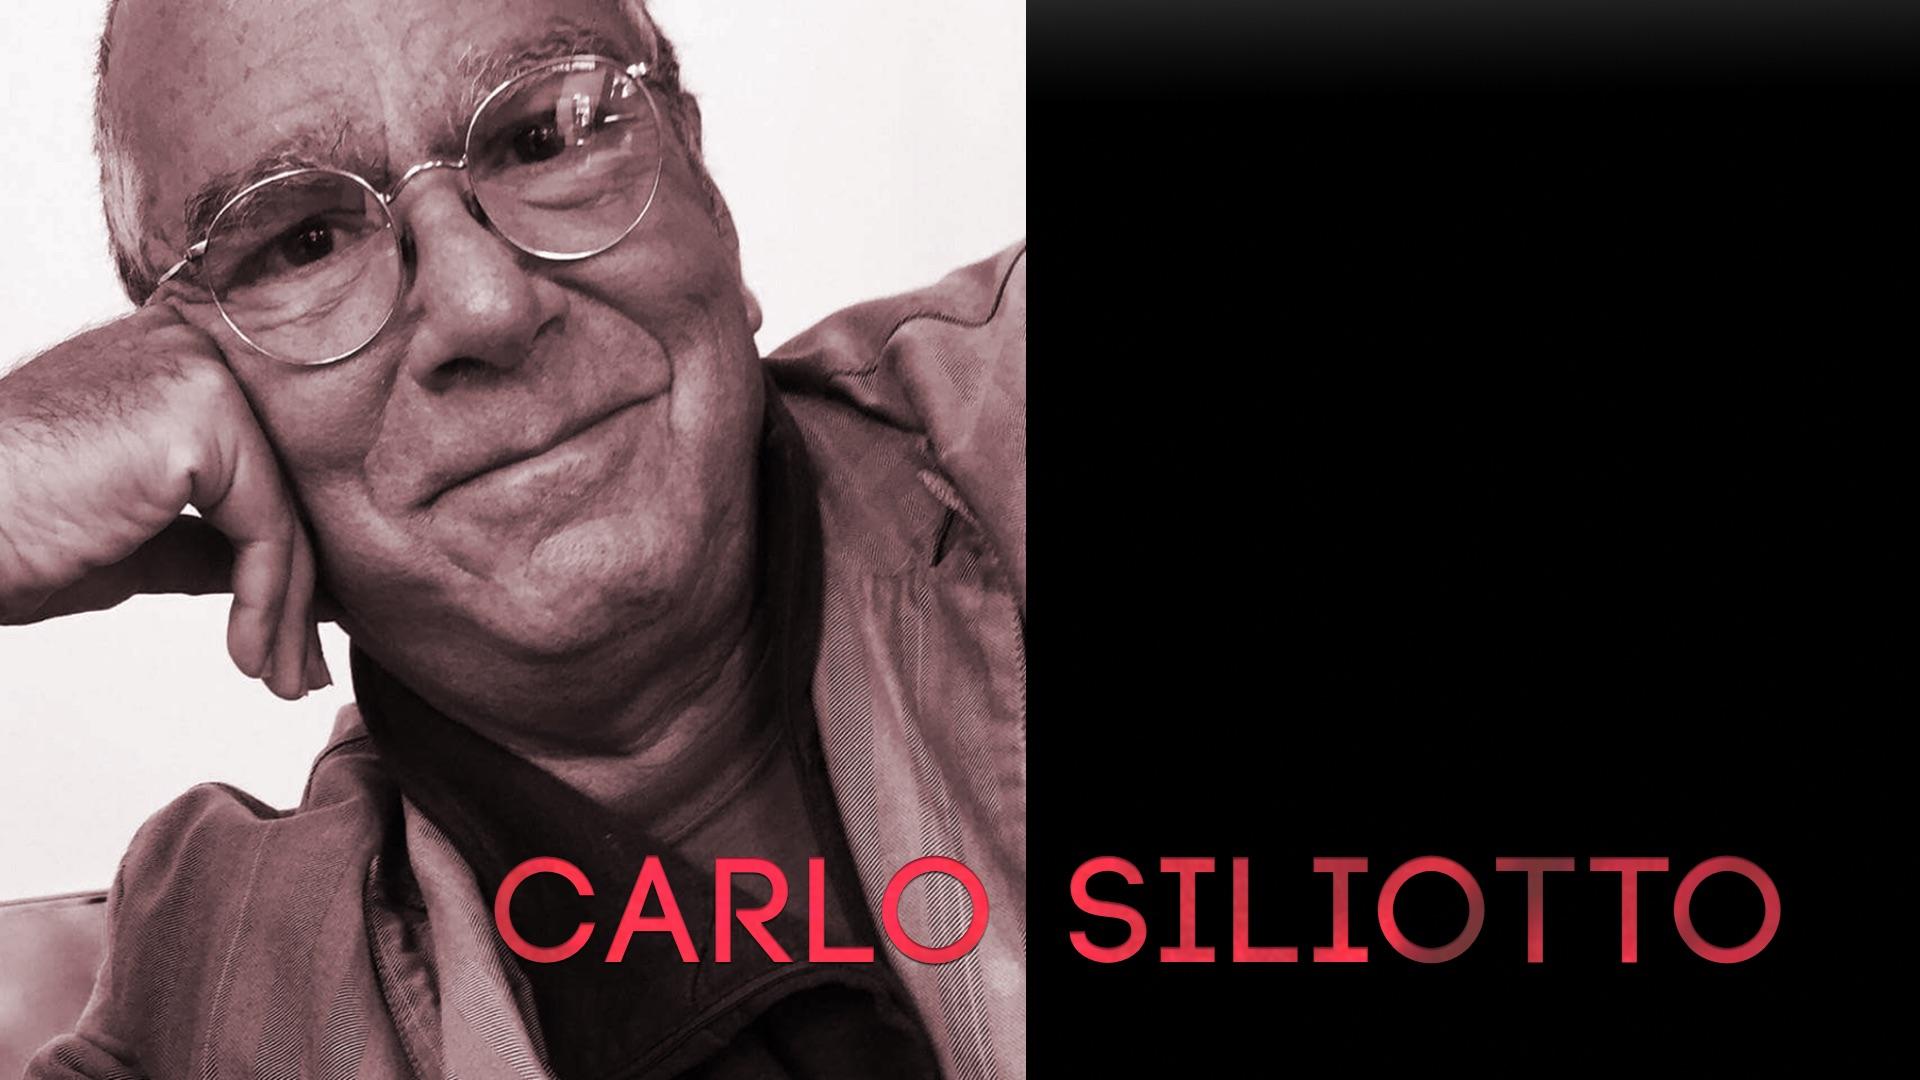 Carlo Siliotto